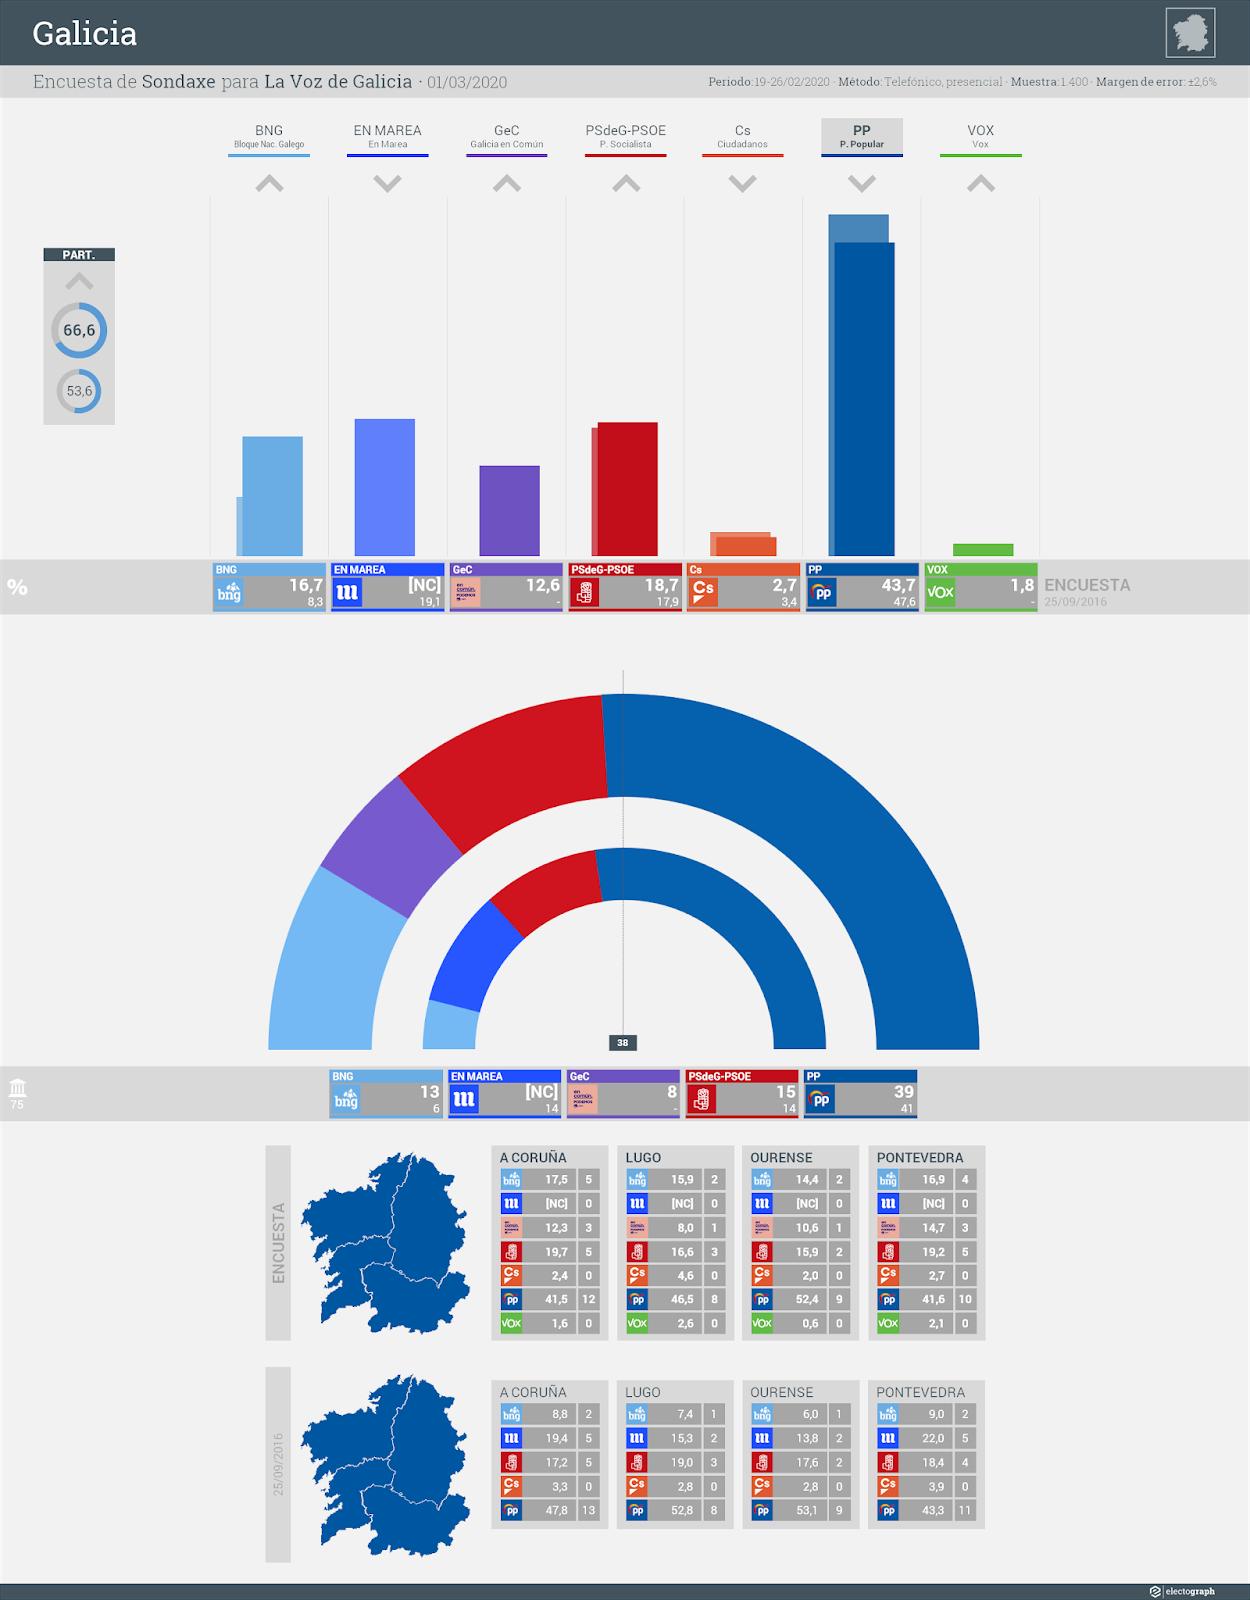 Gráfico de la encuesta para elecciones autonómicas en Galicia realizada por Sondaxe para La Voz de Galicia, 1 de marzo de 2020